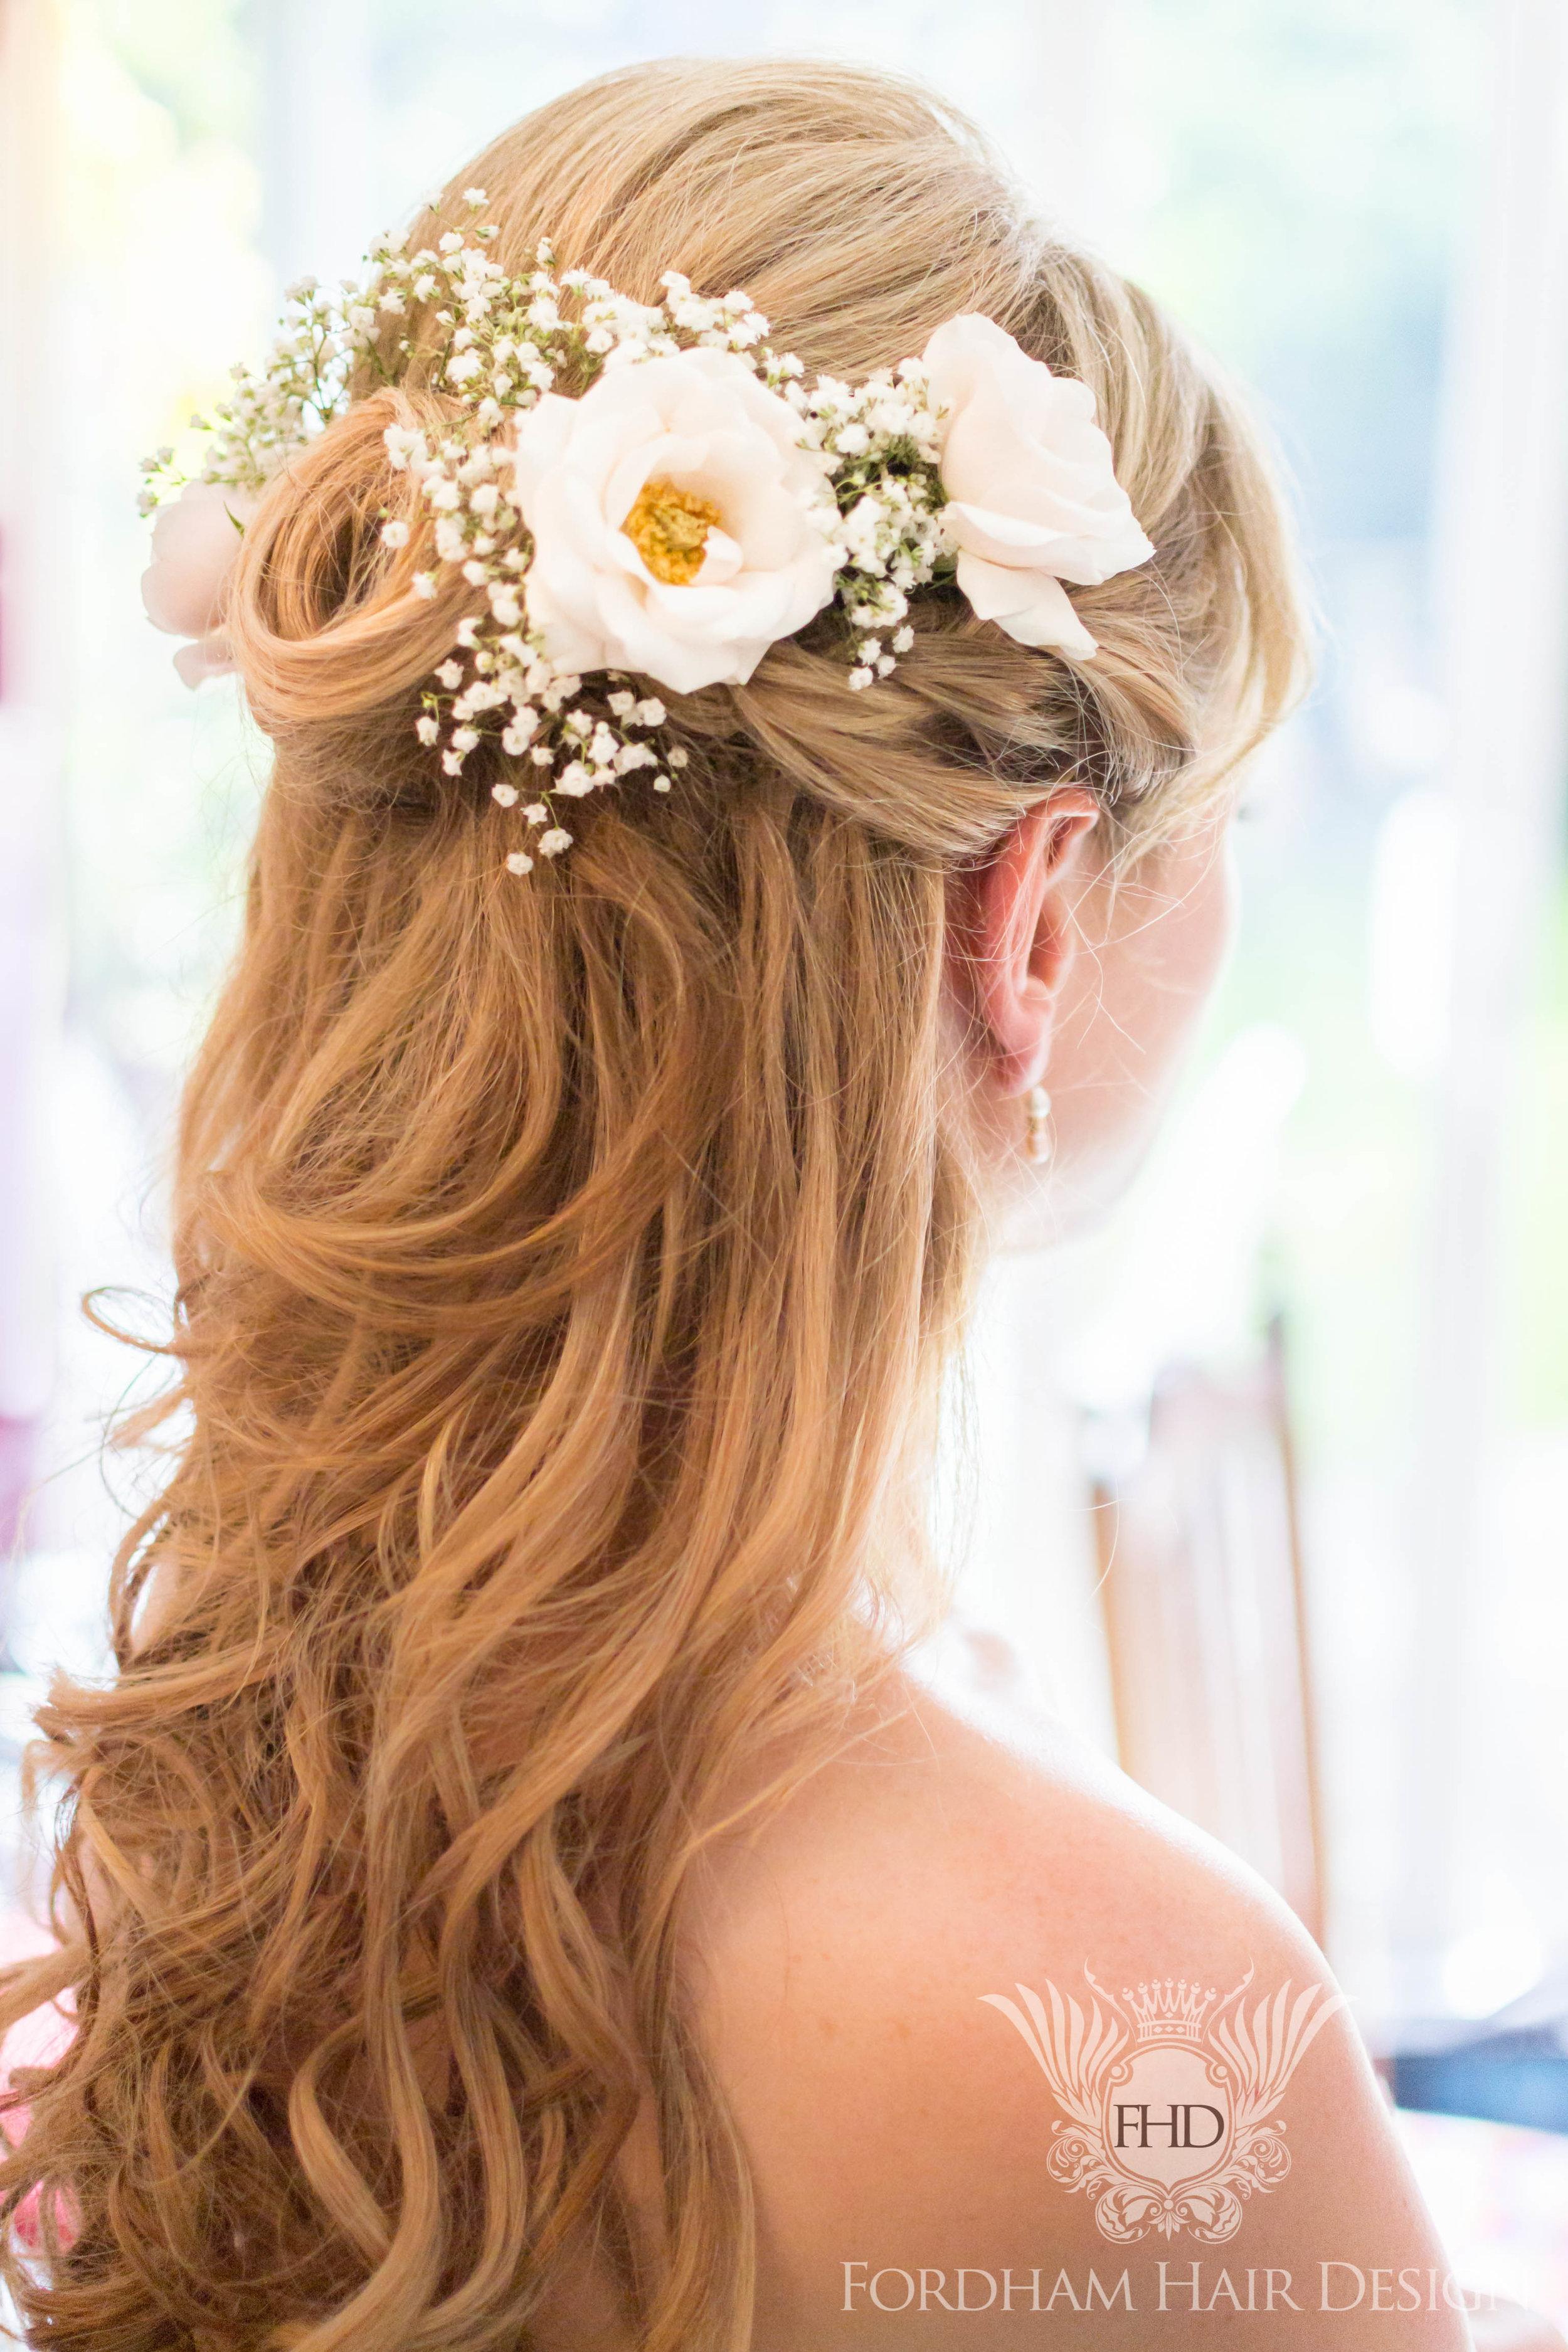 Berkley Castle Wedding Hair